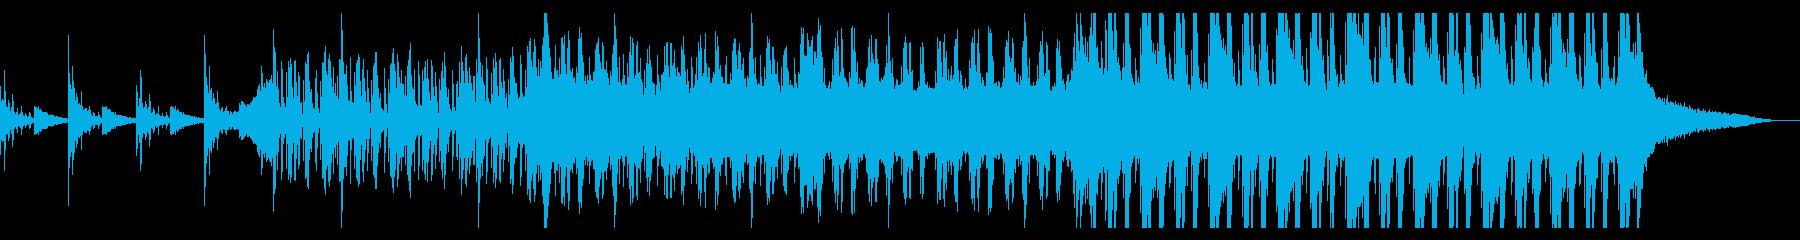 薄暗いトリップホップの再生済みの波形